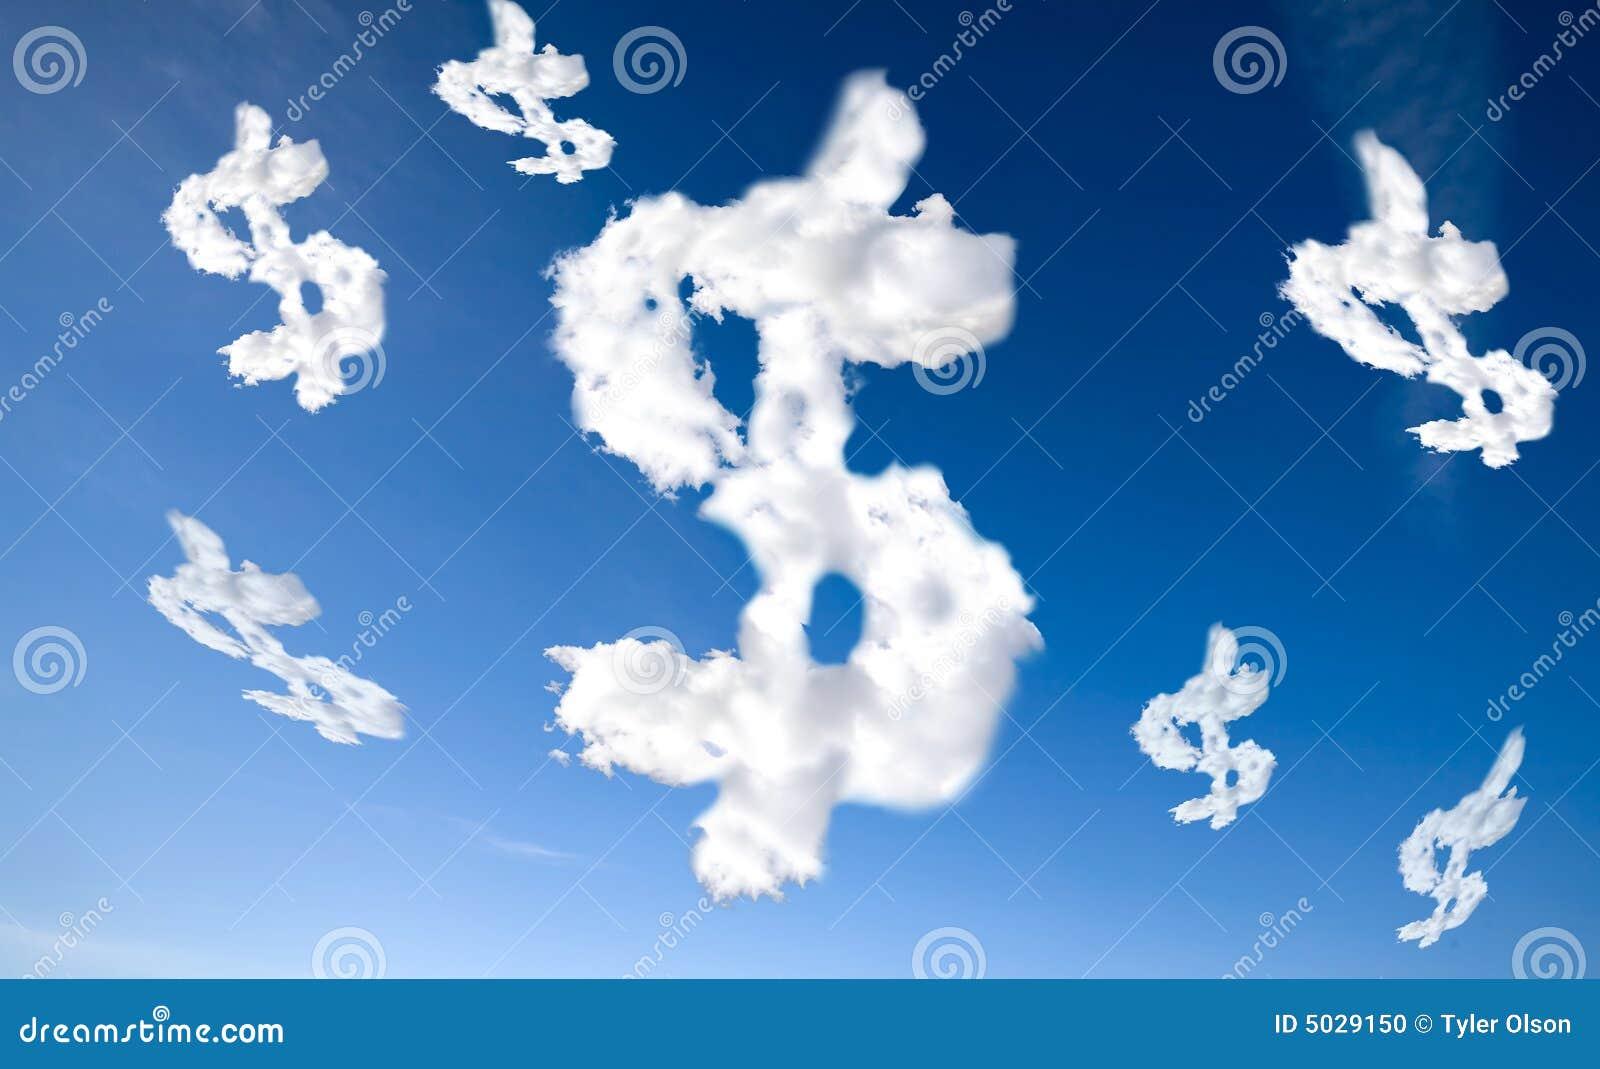 Cloud Dollar Sign